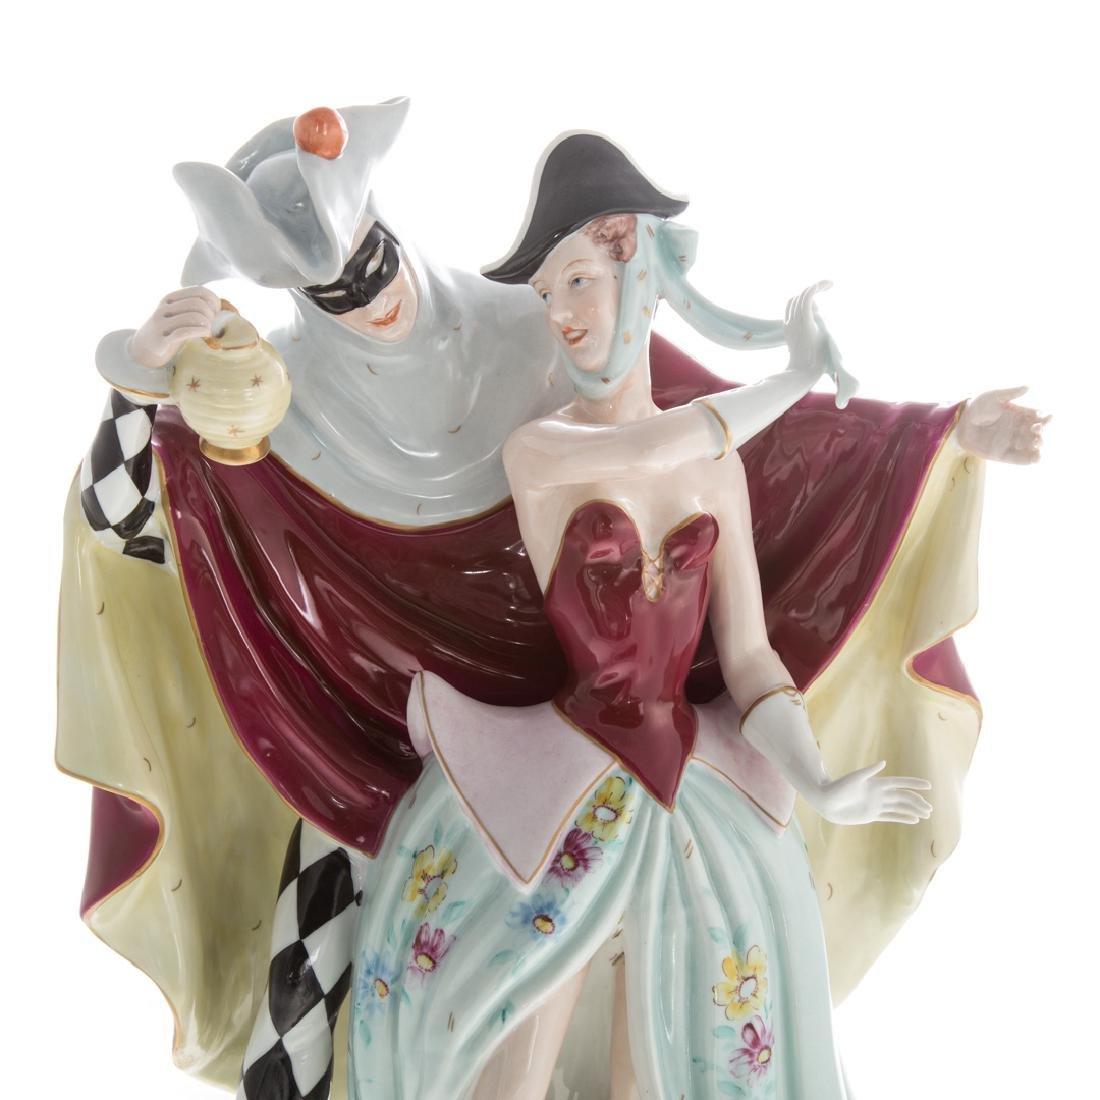 Large Royal Dux porcelain figural group - 2